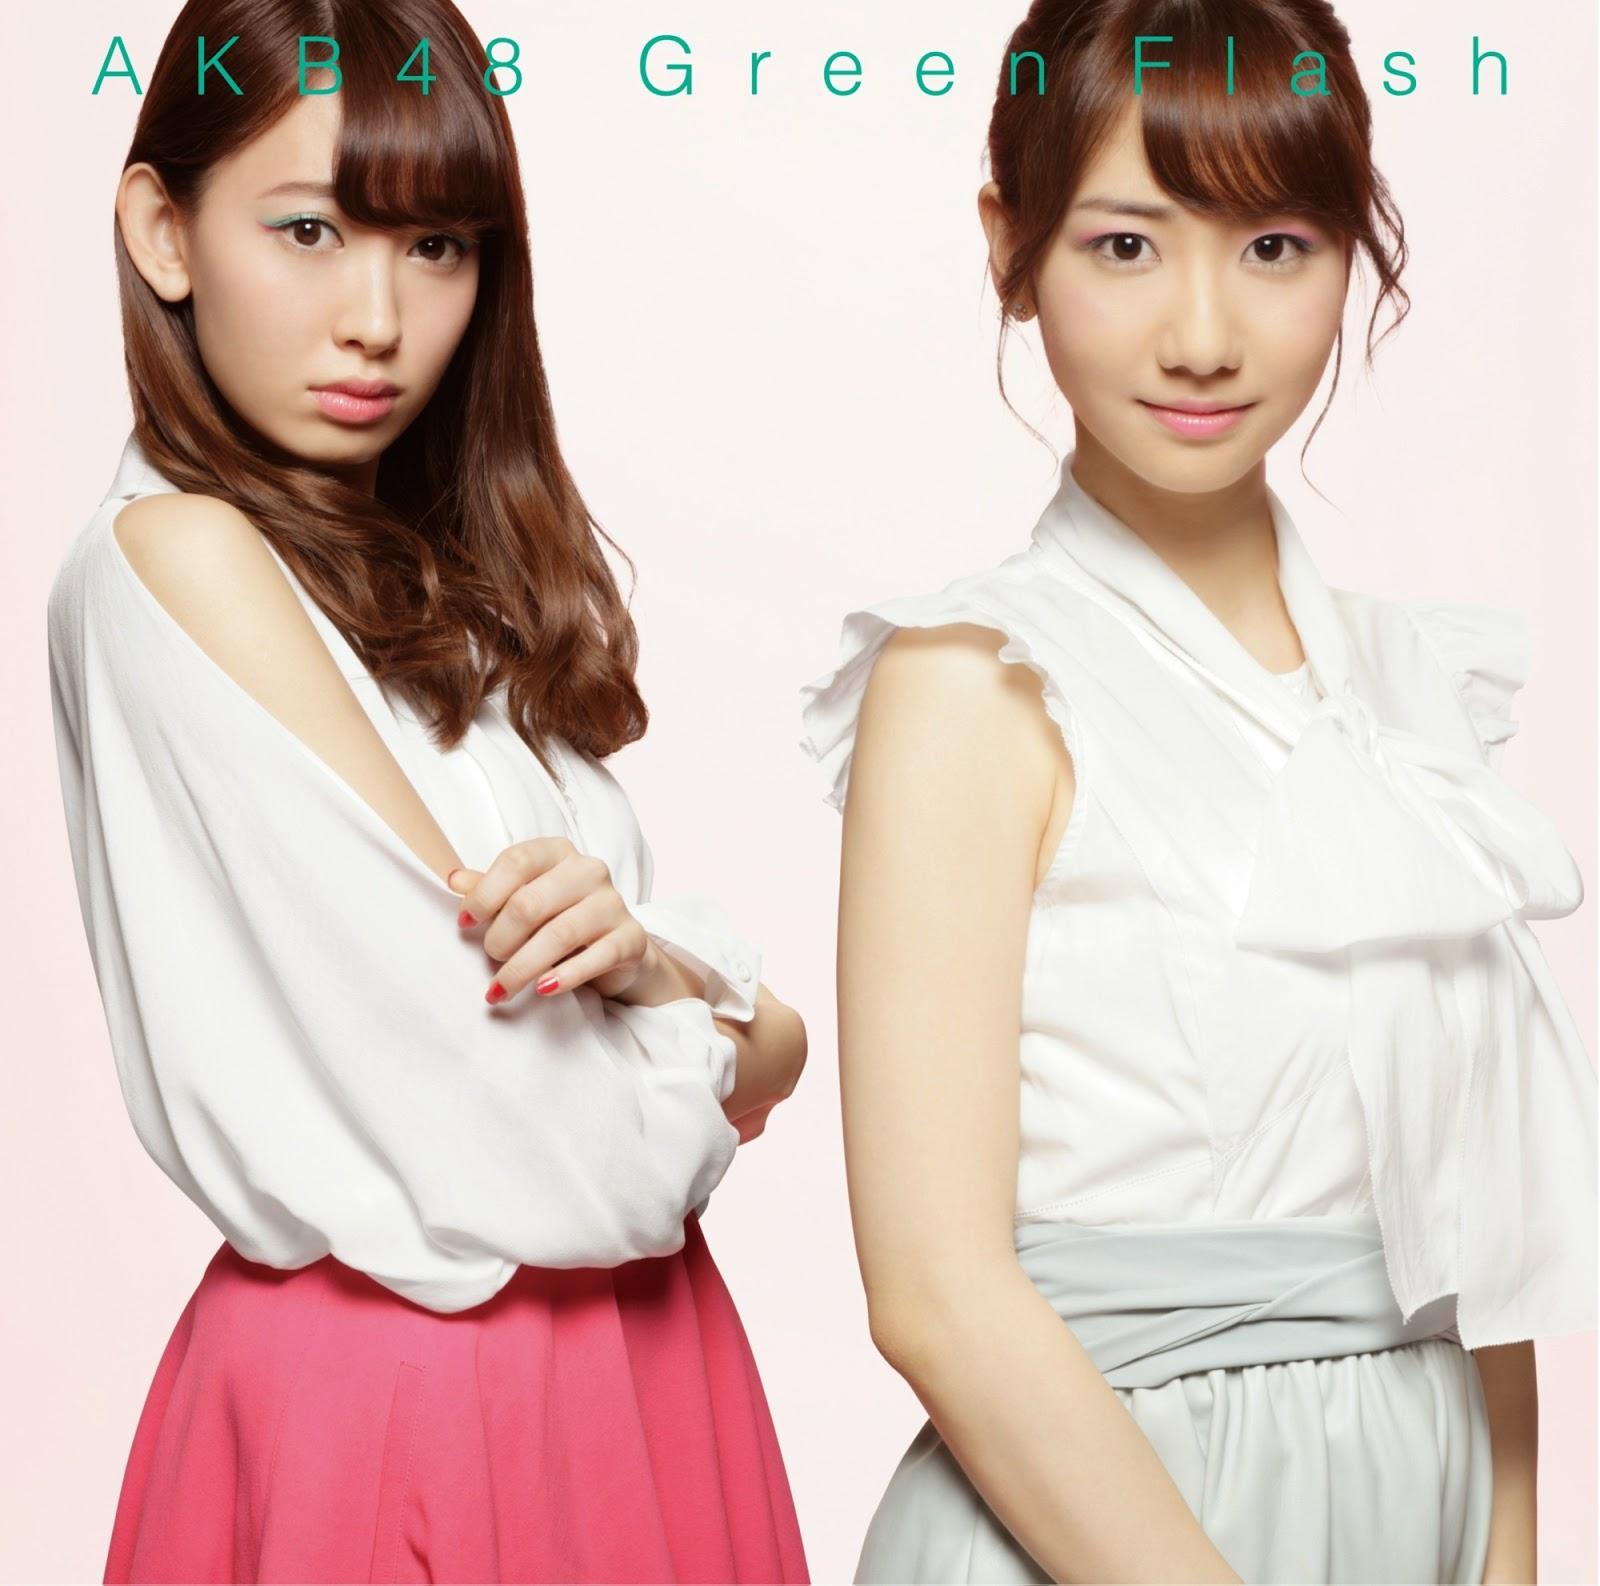 AKB48 Hatsukoi no Oshibe (初恋のおしべ) lyrics 歌詞